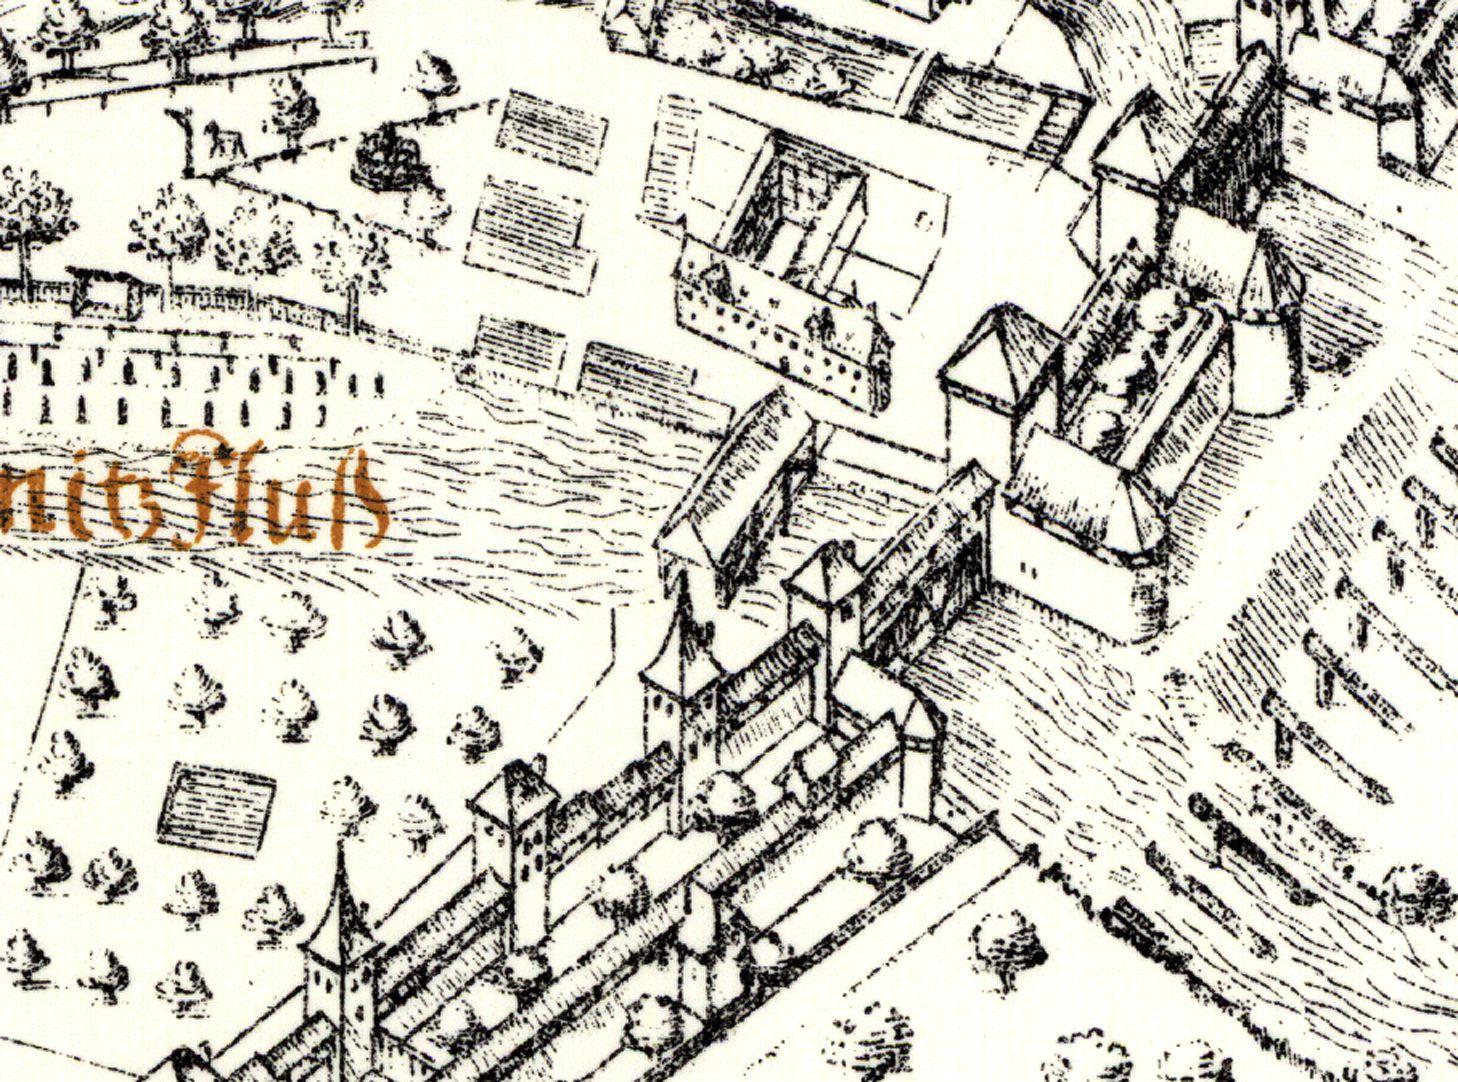 Kress´sche Karte von Nürnberg mit Landwehr Pegnitzeinfluß mit Kasemattentor und Kanonentürmen von 1559, links davon das alte Fechthaus